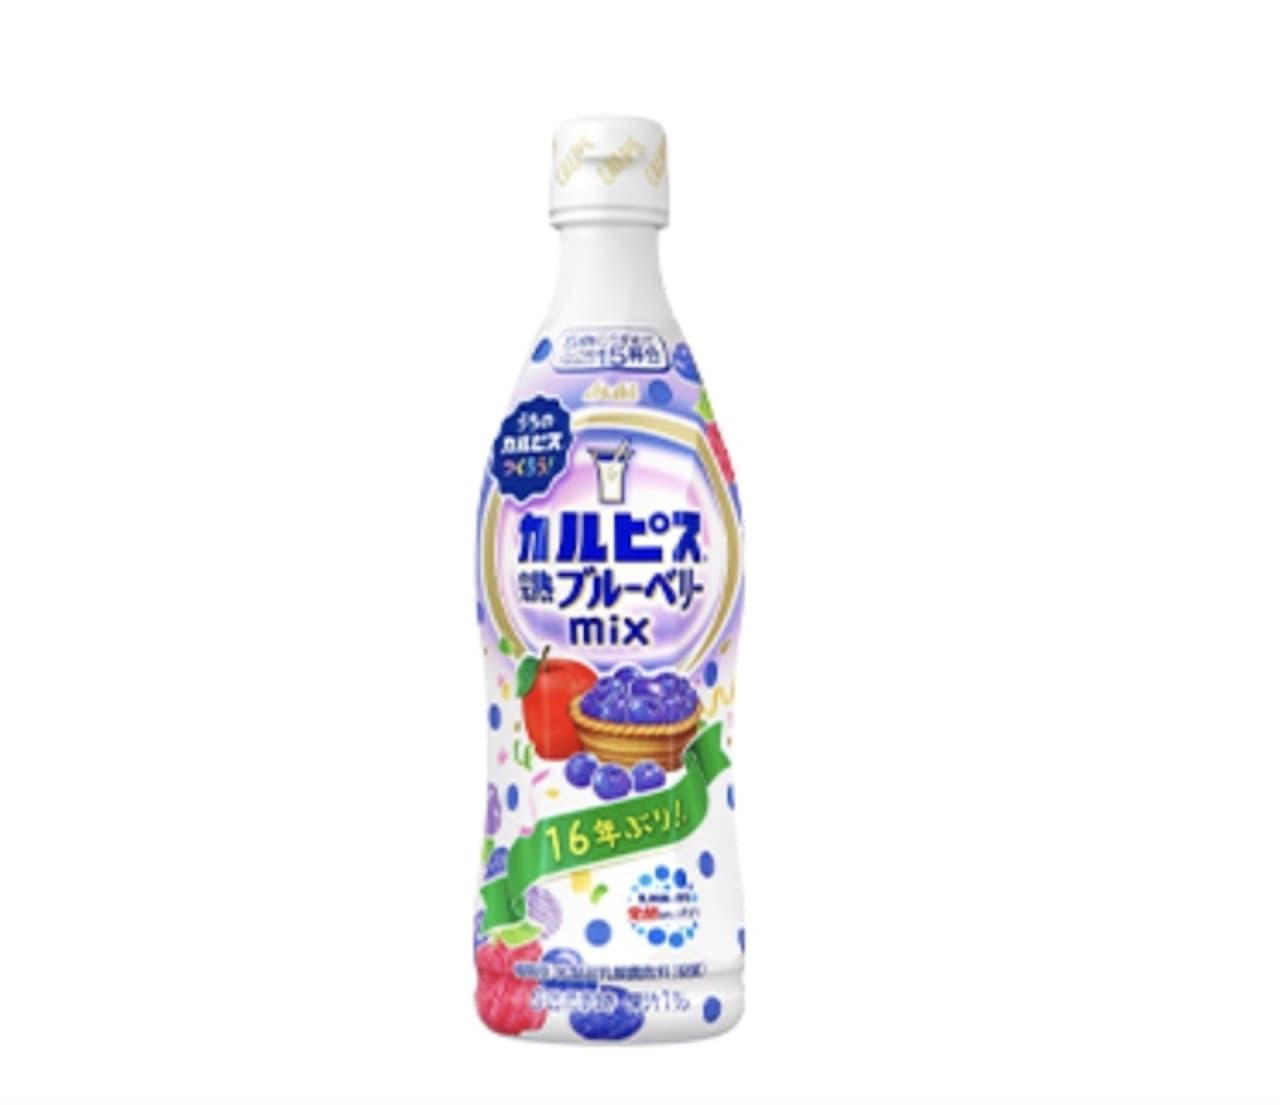 アサヒ飲料「カルピス 完熟ブルーベリーミックス」